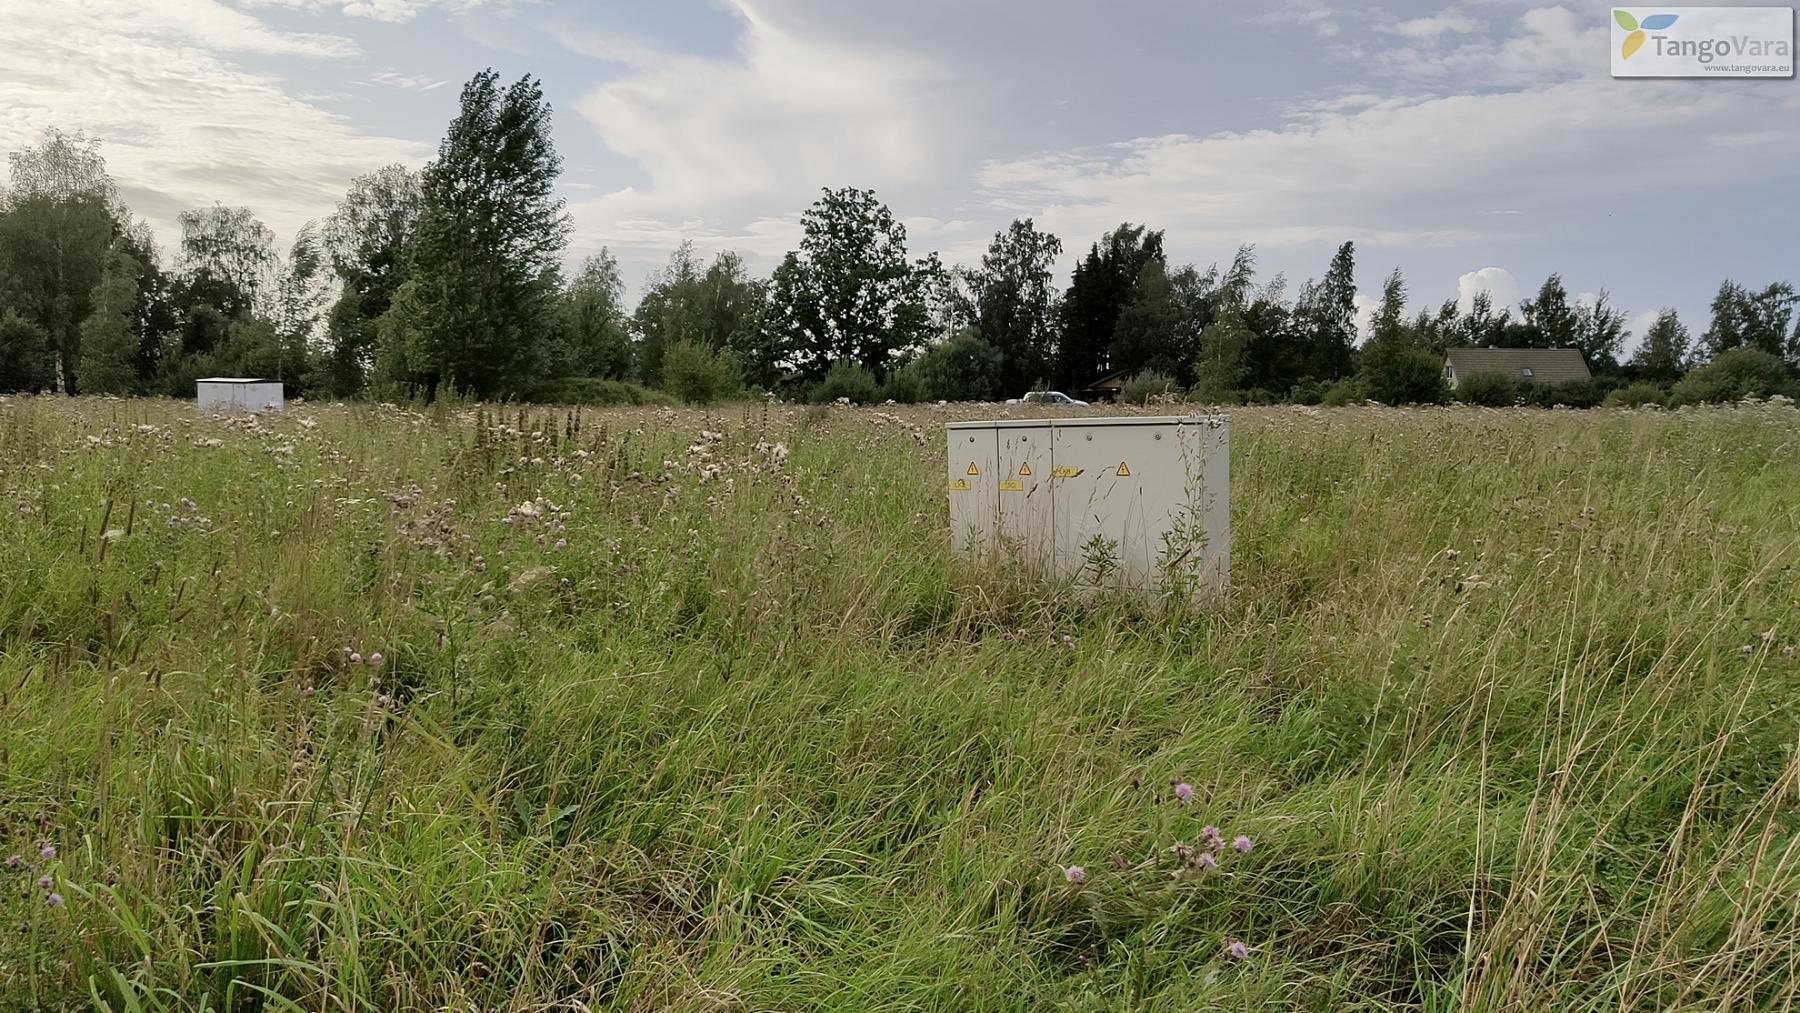 Nurme-raudrohu_Pärnumaa_ves-13